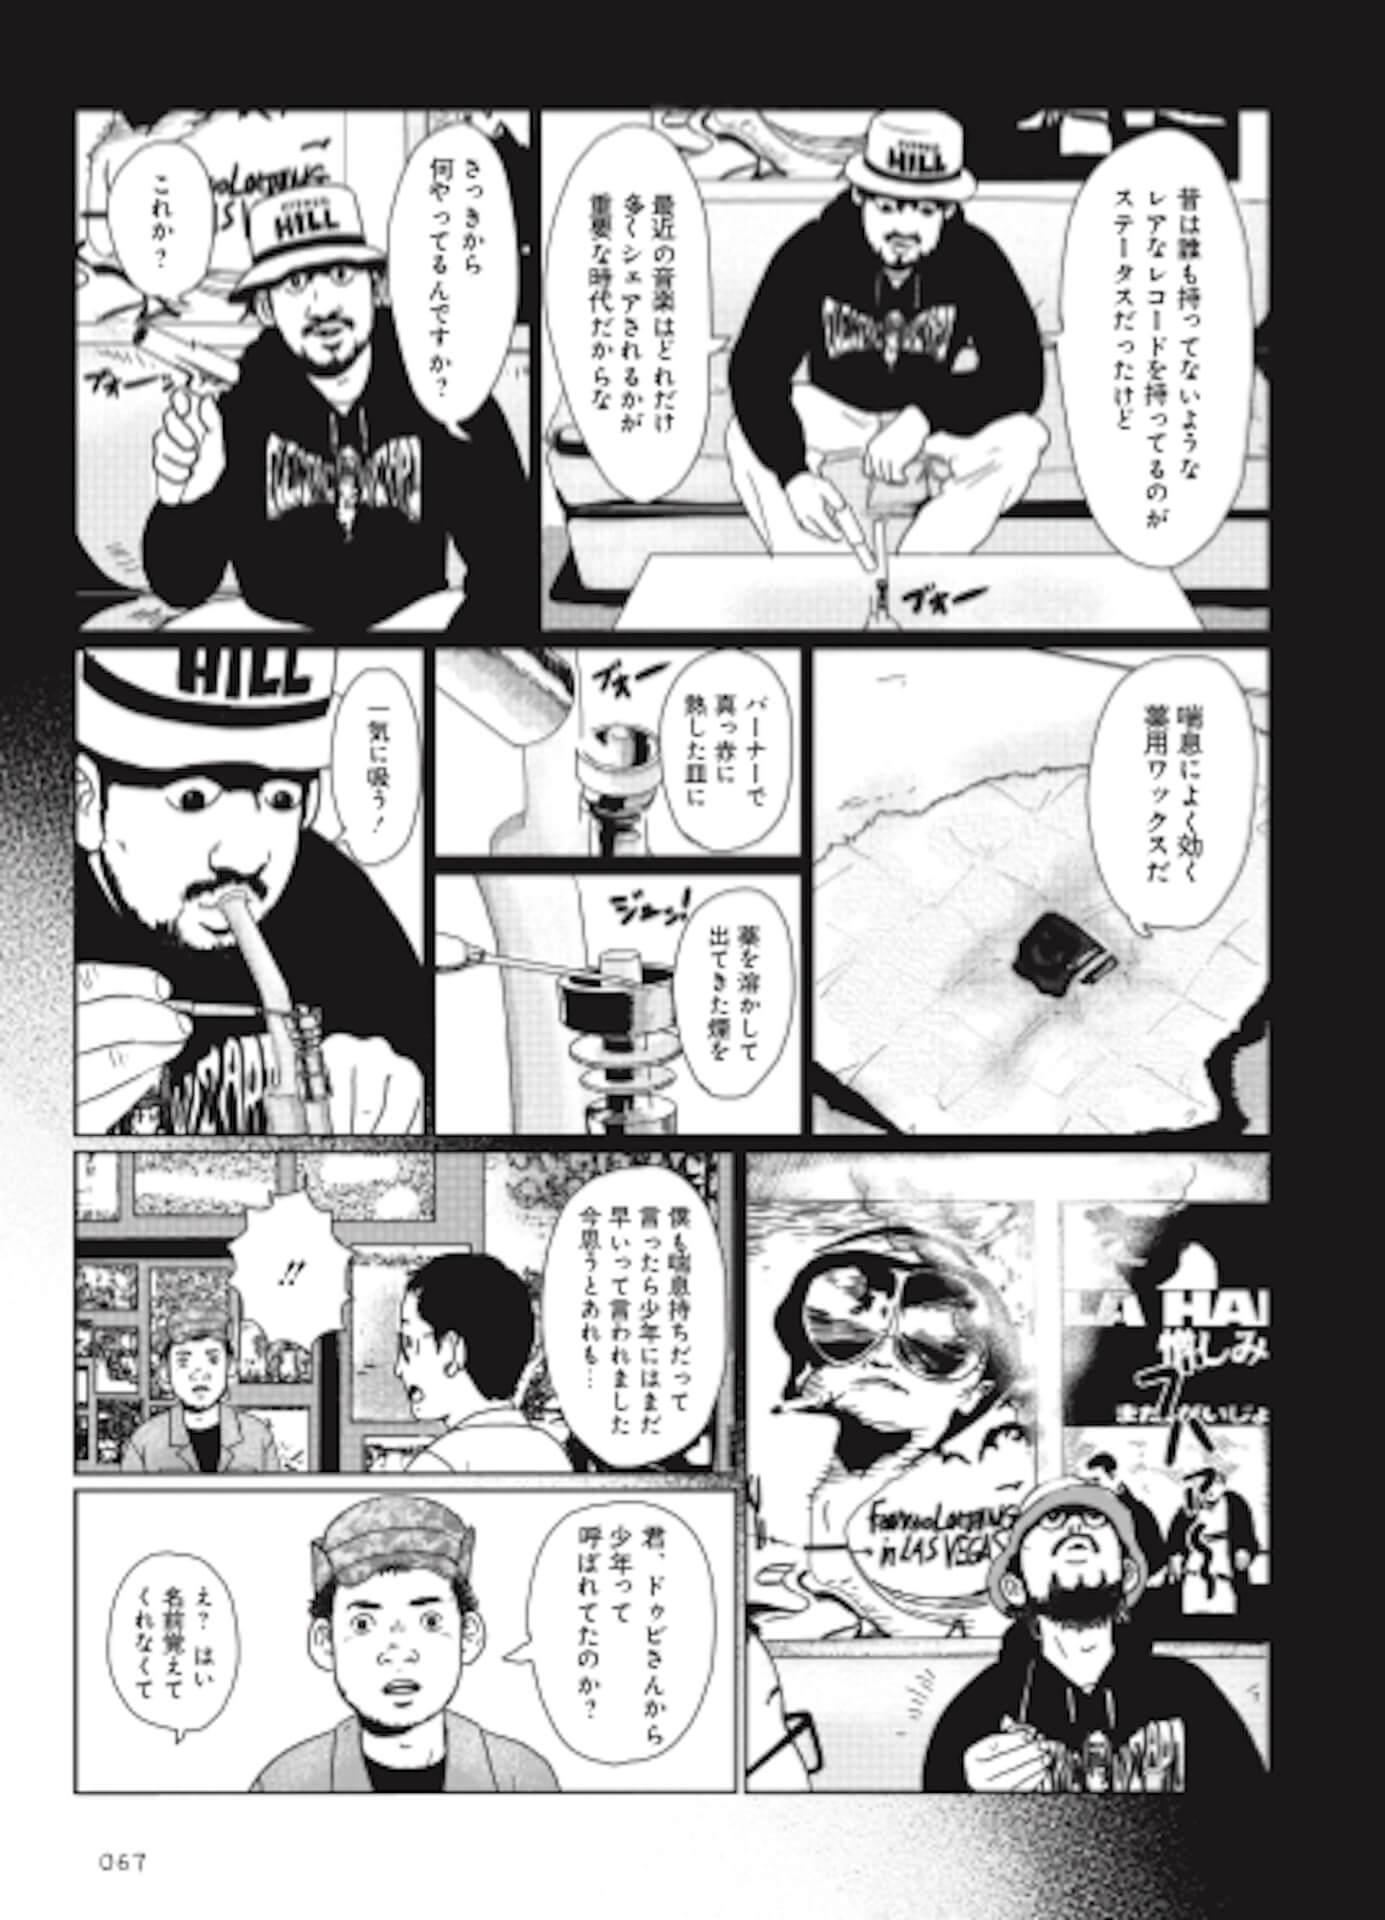 漫画『少年イン・ザ・フッド』単行本化インタビュー|Ghetto Hollywoodに影響を与えた作品たち interview200907_ghettohollywood_15